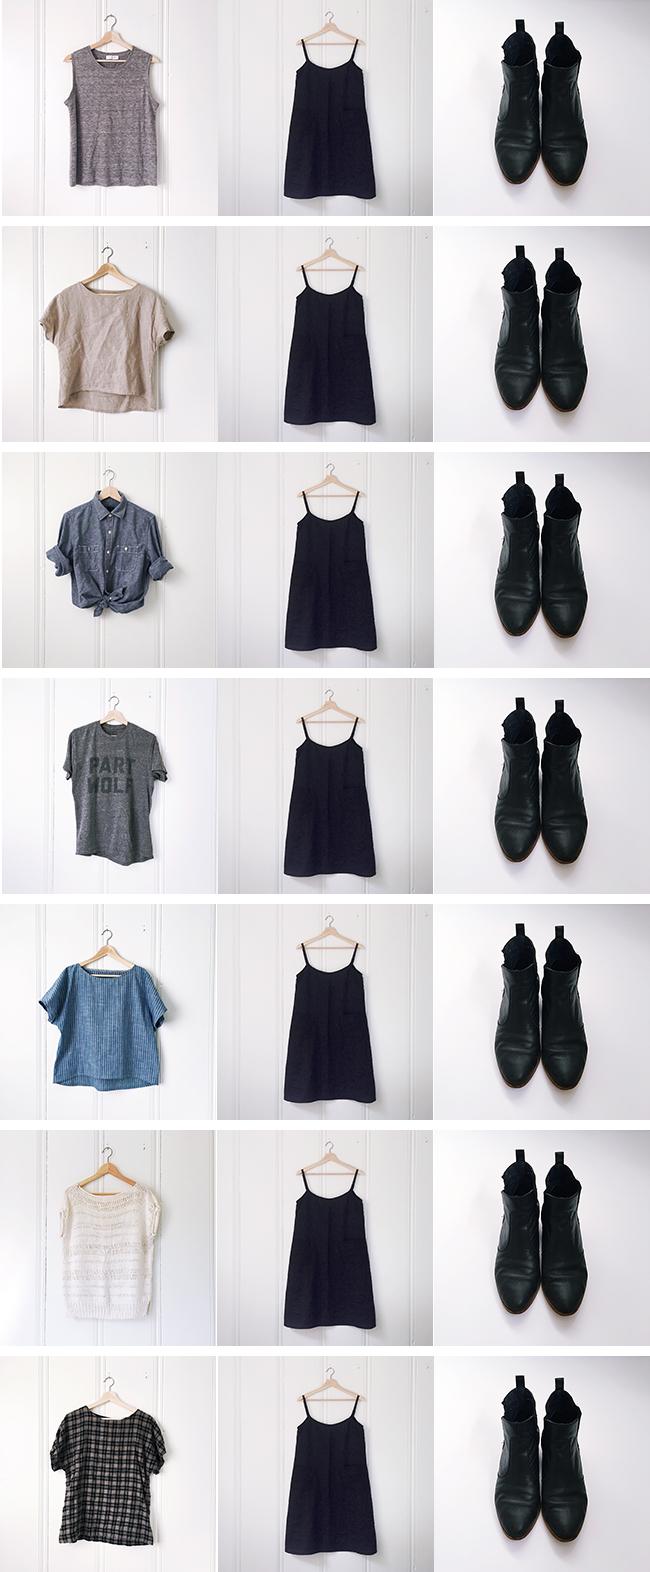 2017 Remake-1 : Black linen slip dress + more camo mending